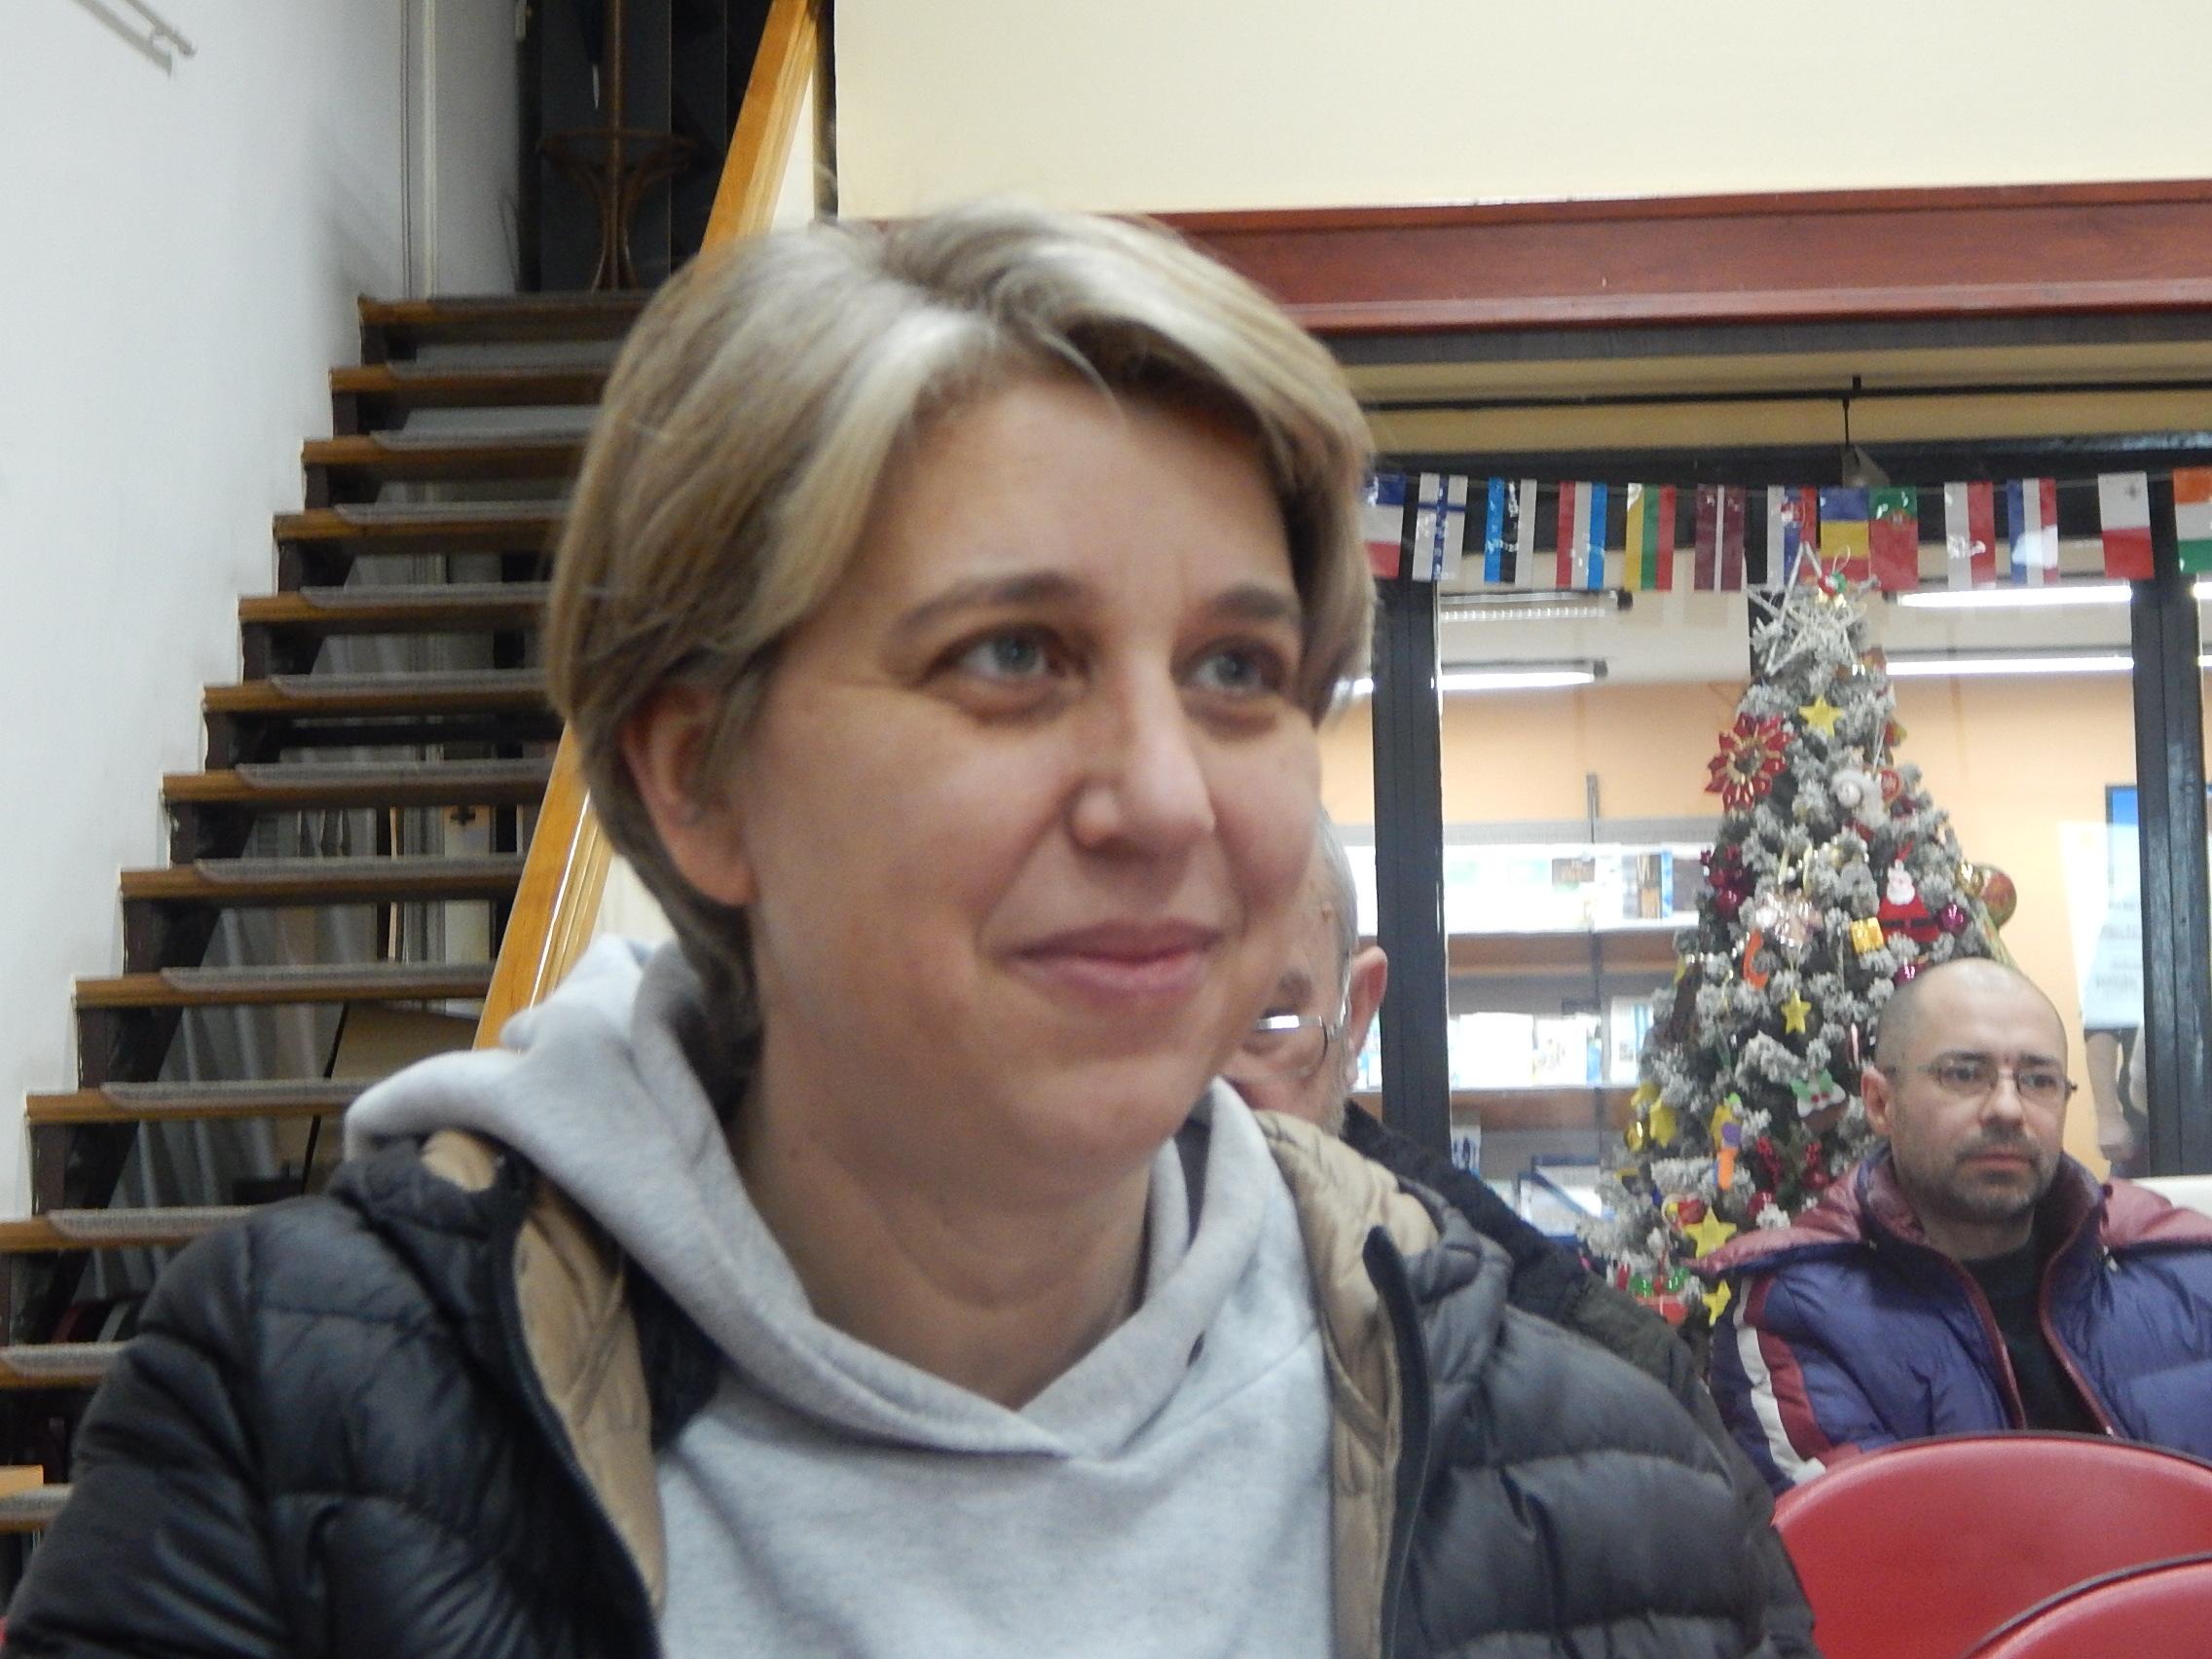 Ana Matan, Knjižnica za mlade, 13. 12. 2016. Foto Marin Bakić